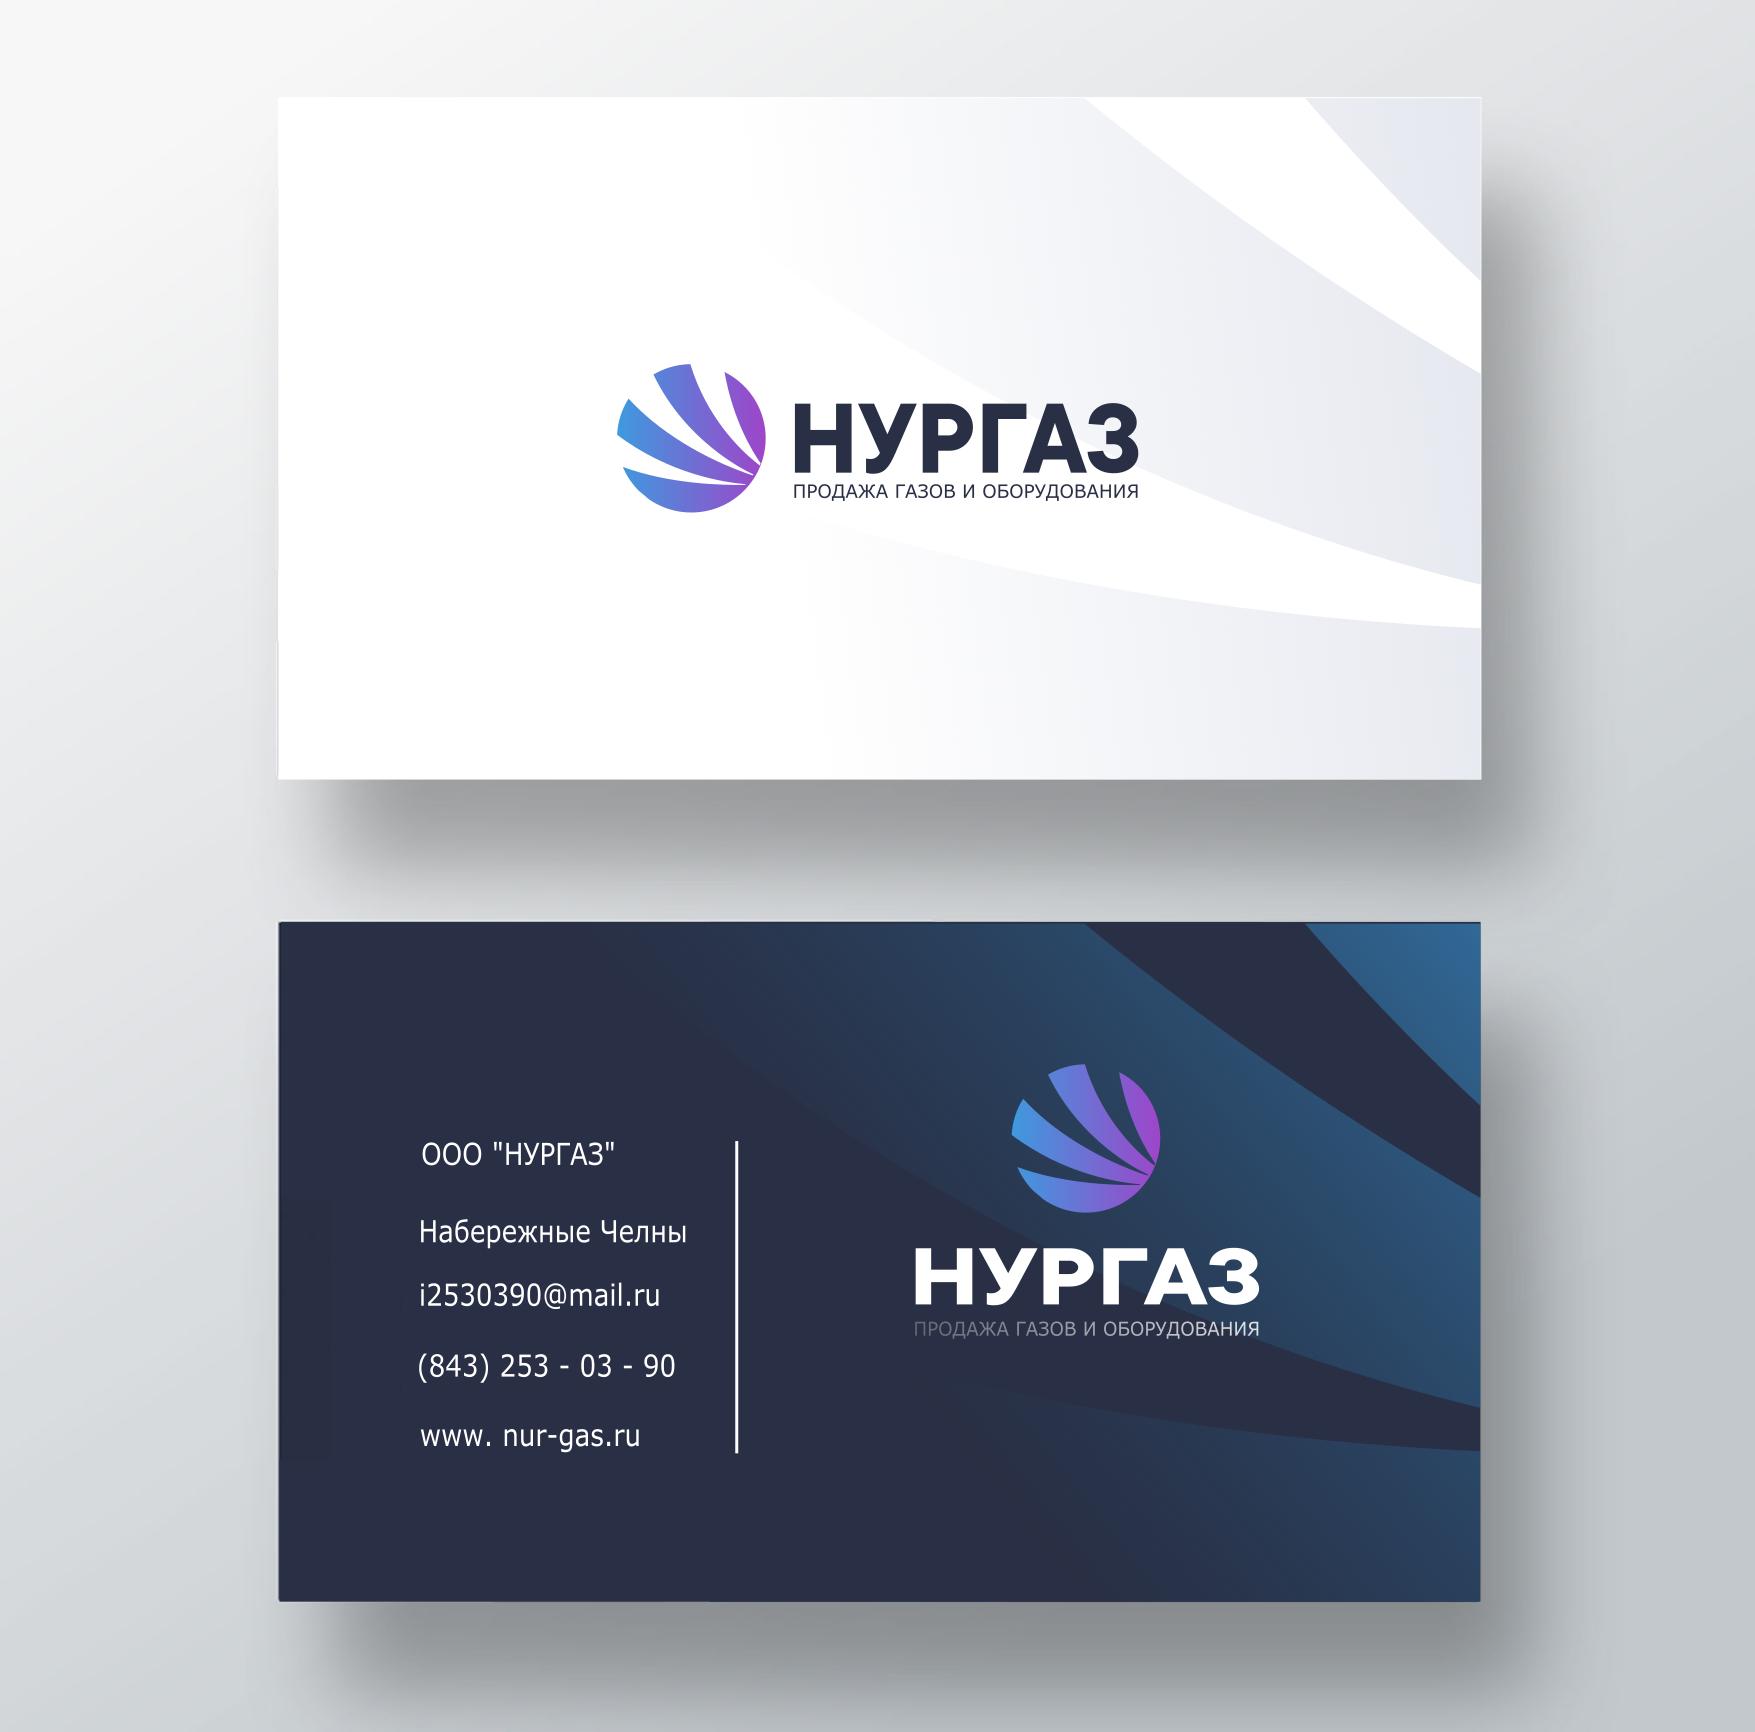 Разработка логотипа и фирменного стиля фото f_9905da831d994b08.png